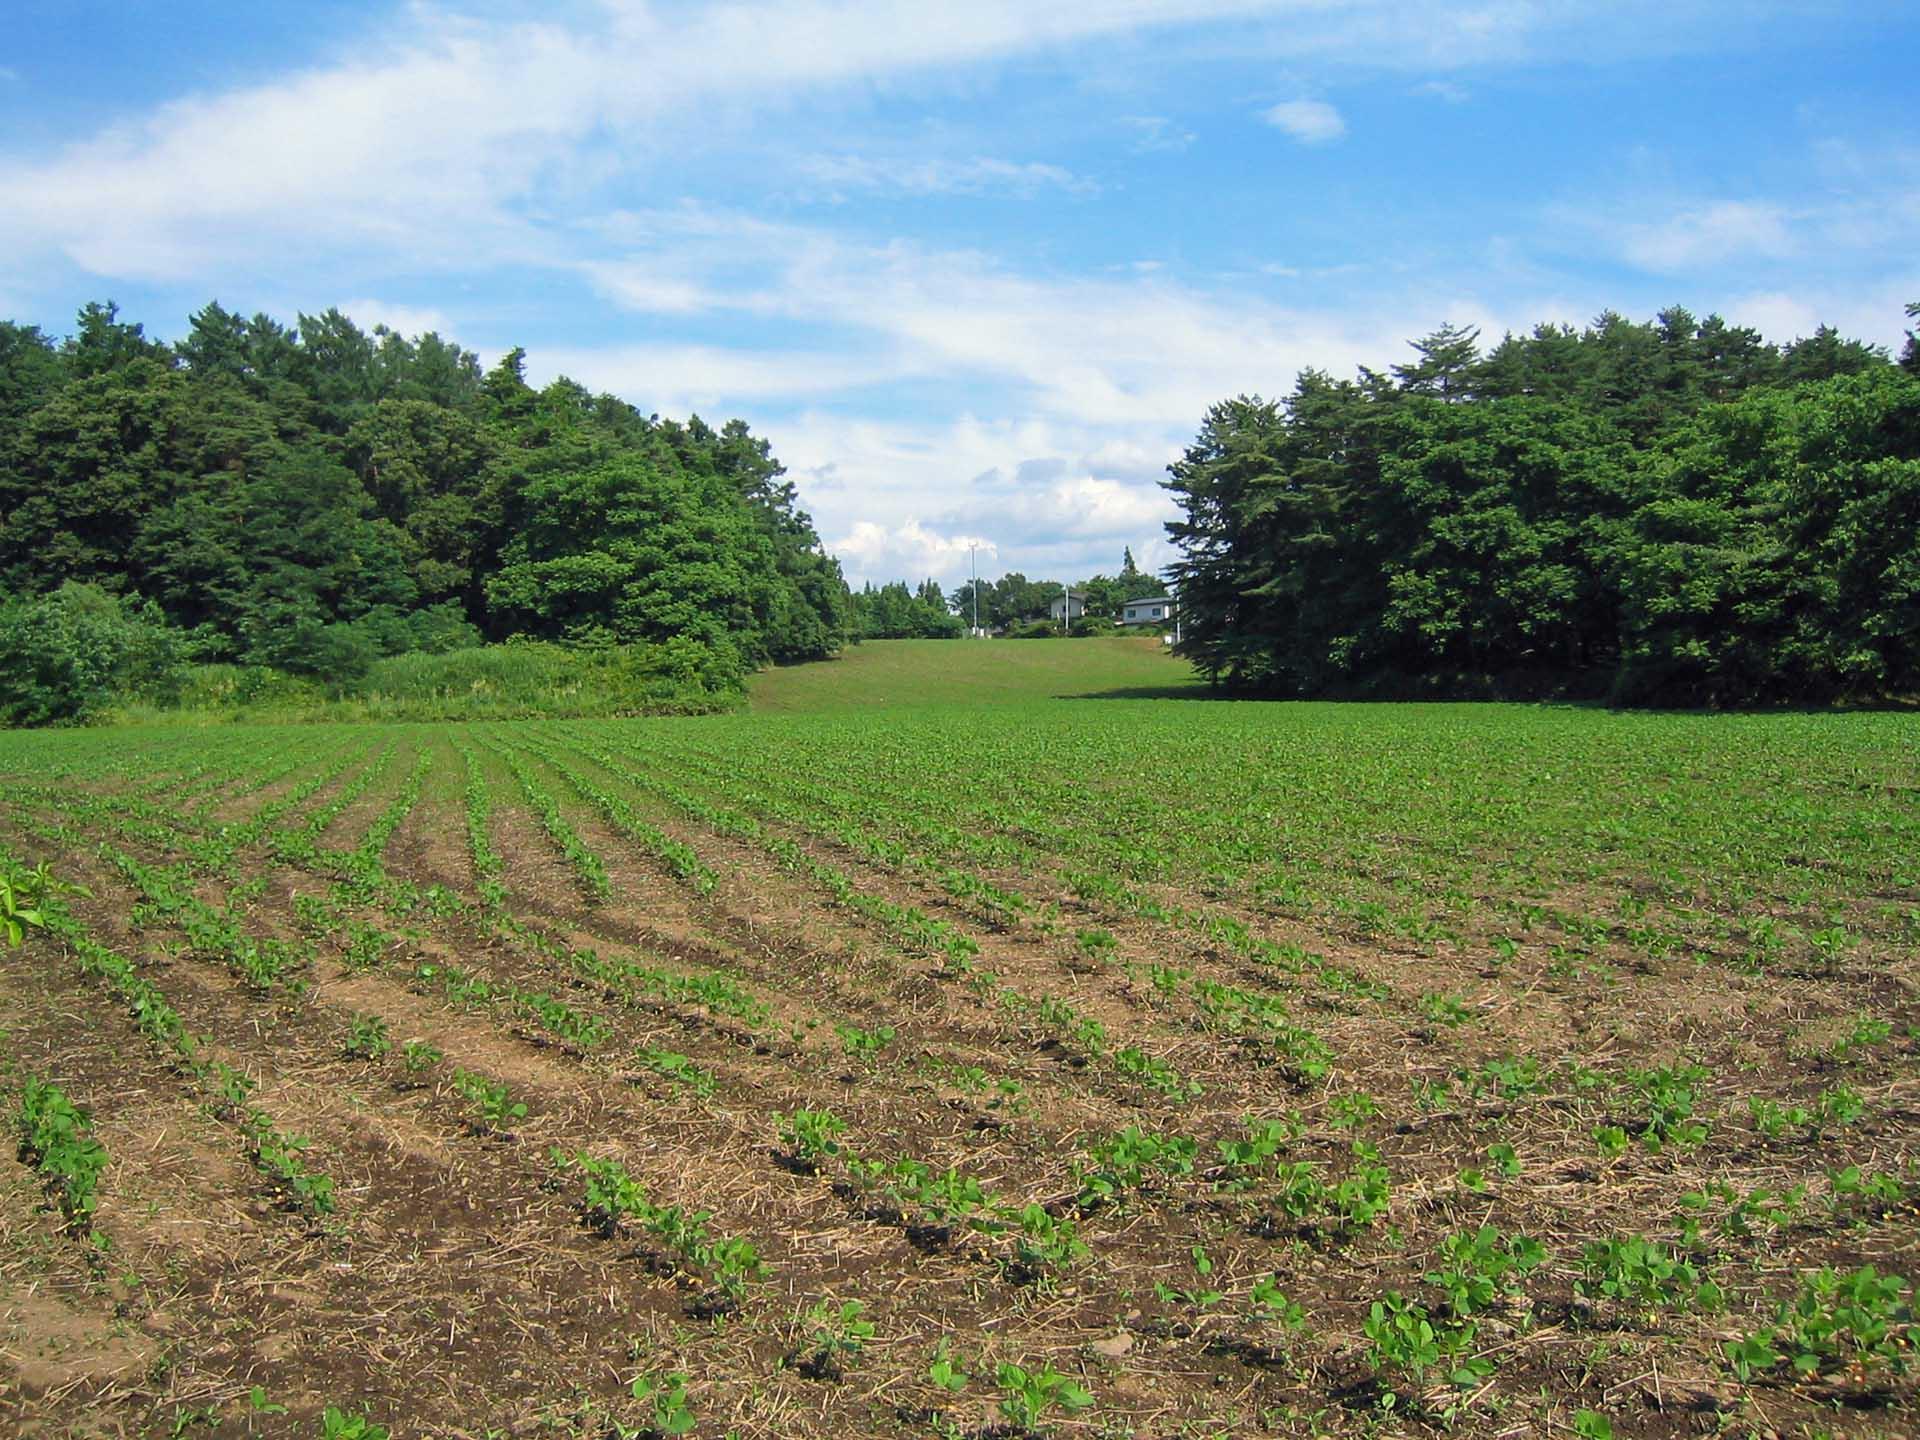 畑の緑と空の青